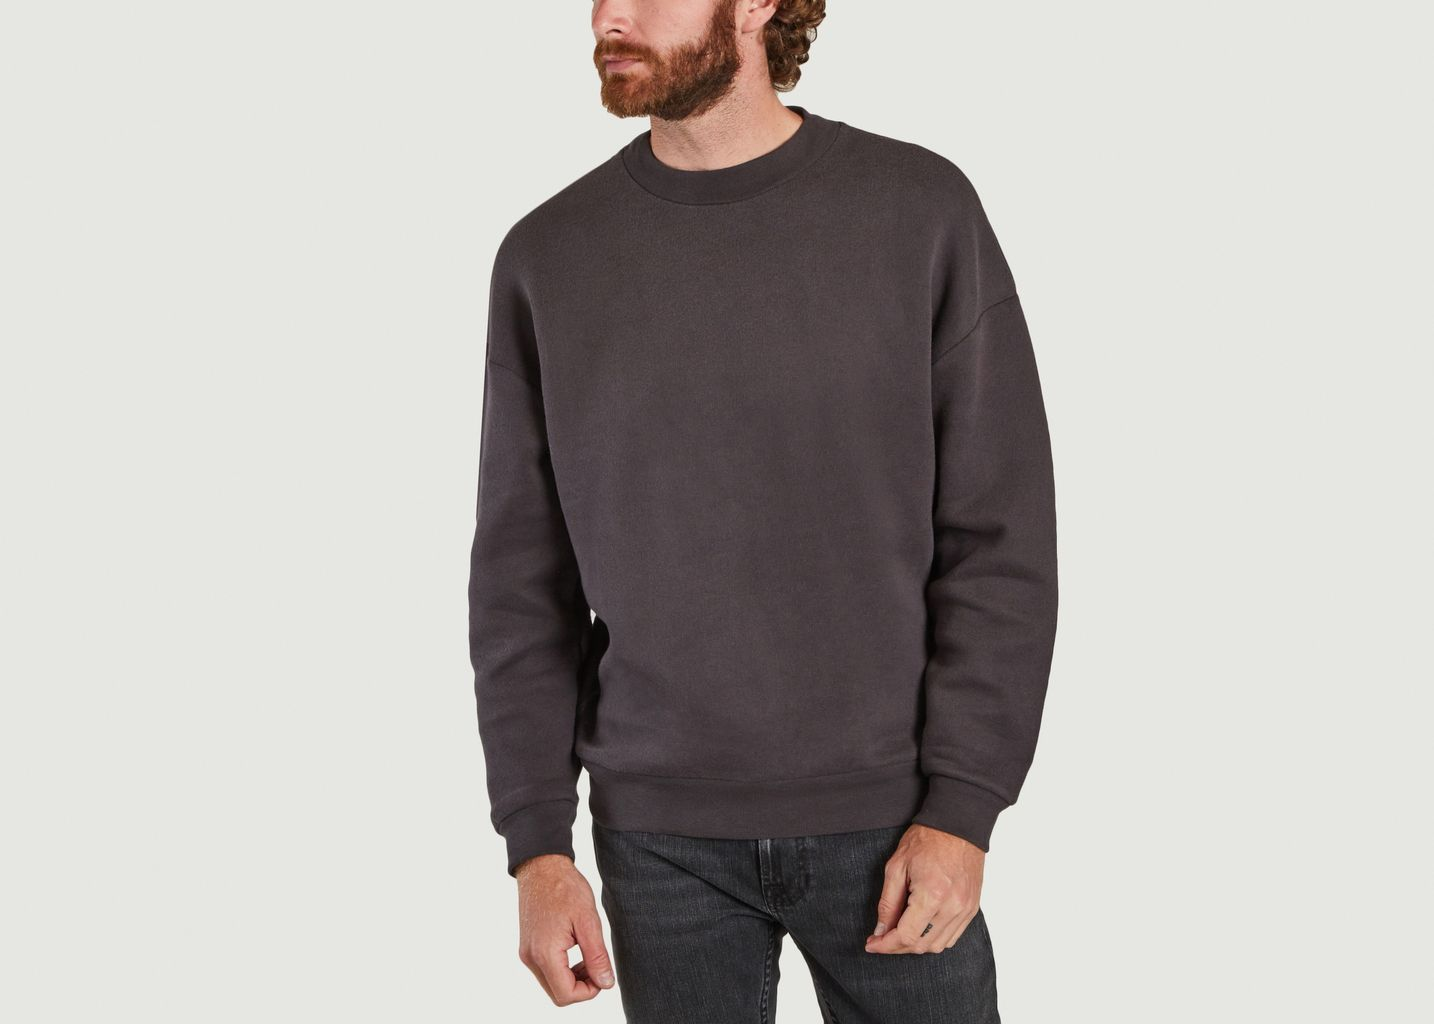 Sweatshirt Ikatown - American Vintage